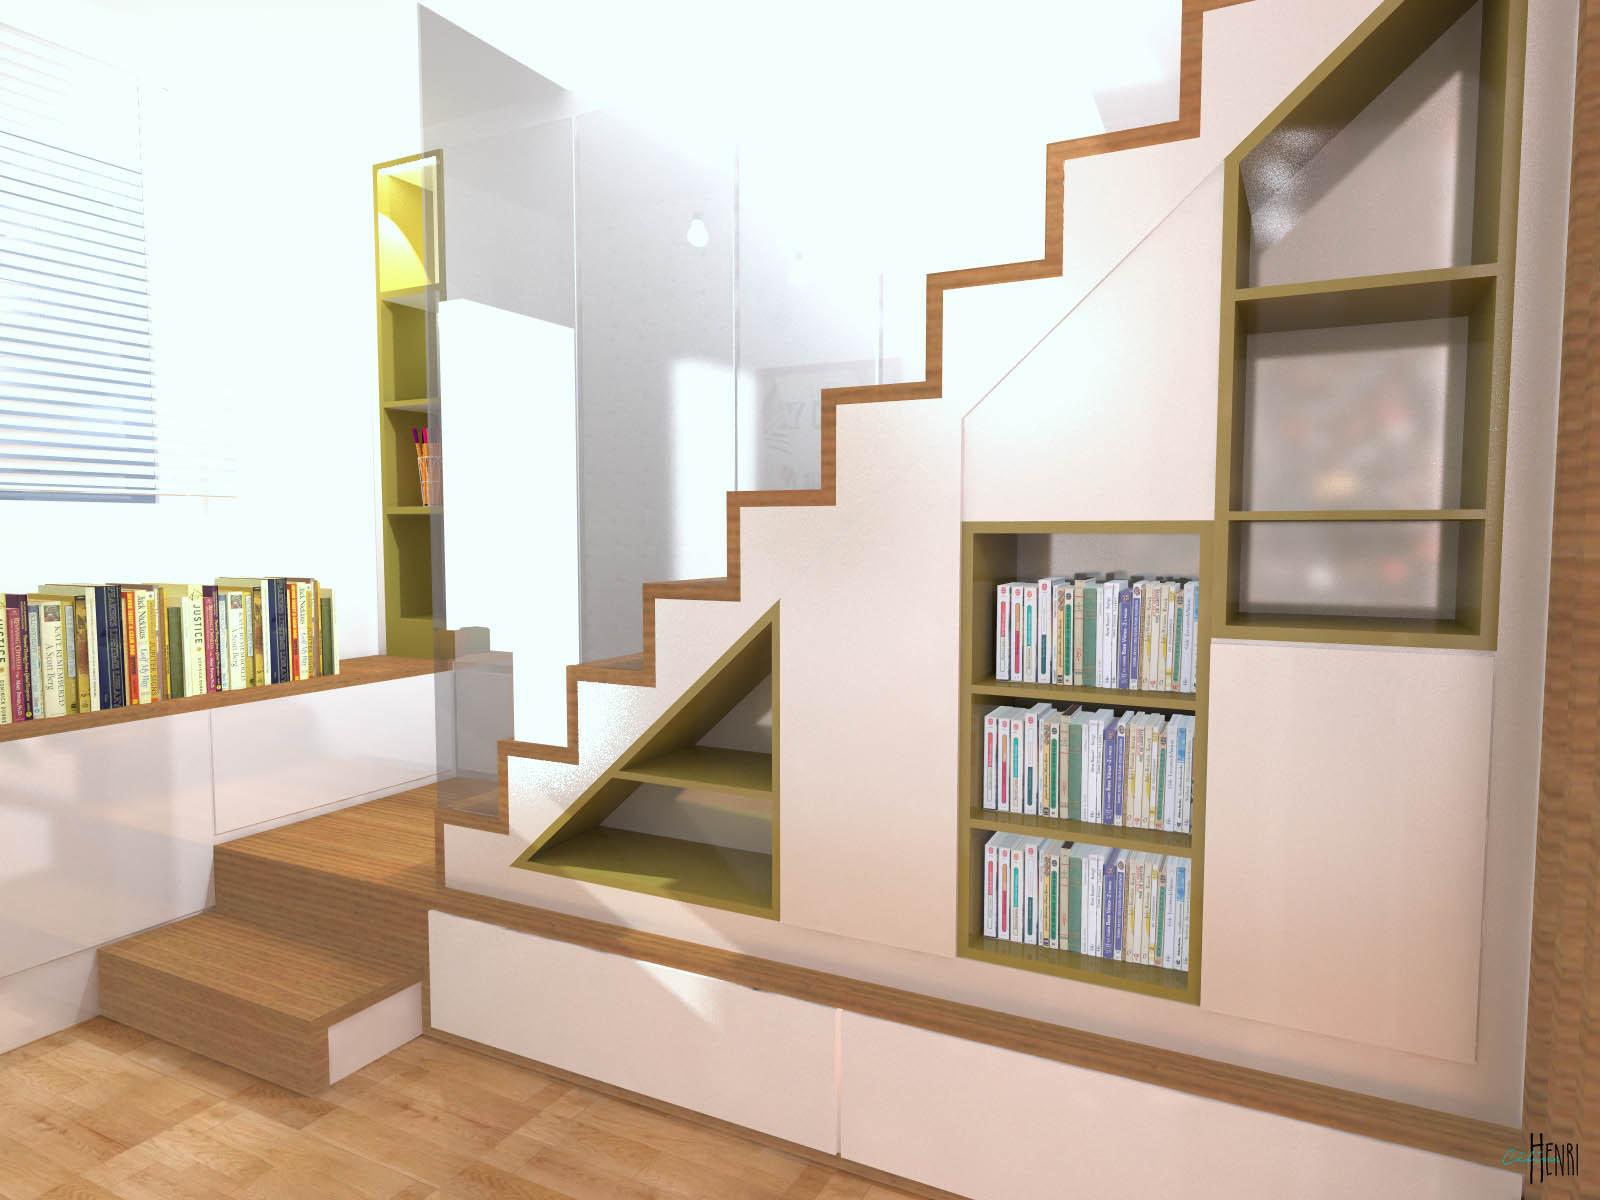 Architecte D Intérieur Lille fullscreen page | céline henri architecture d'intérieur